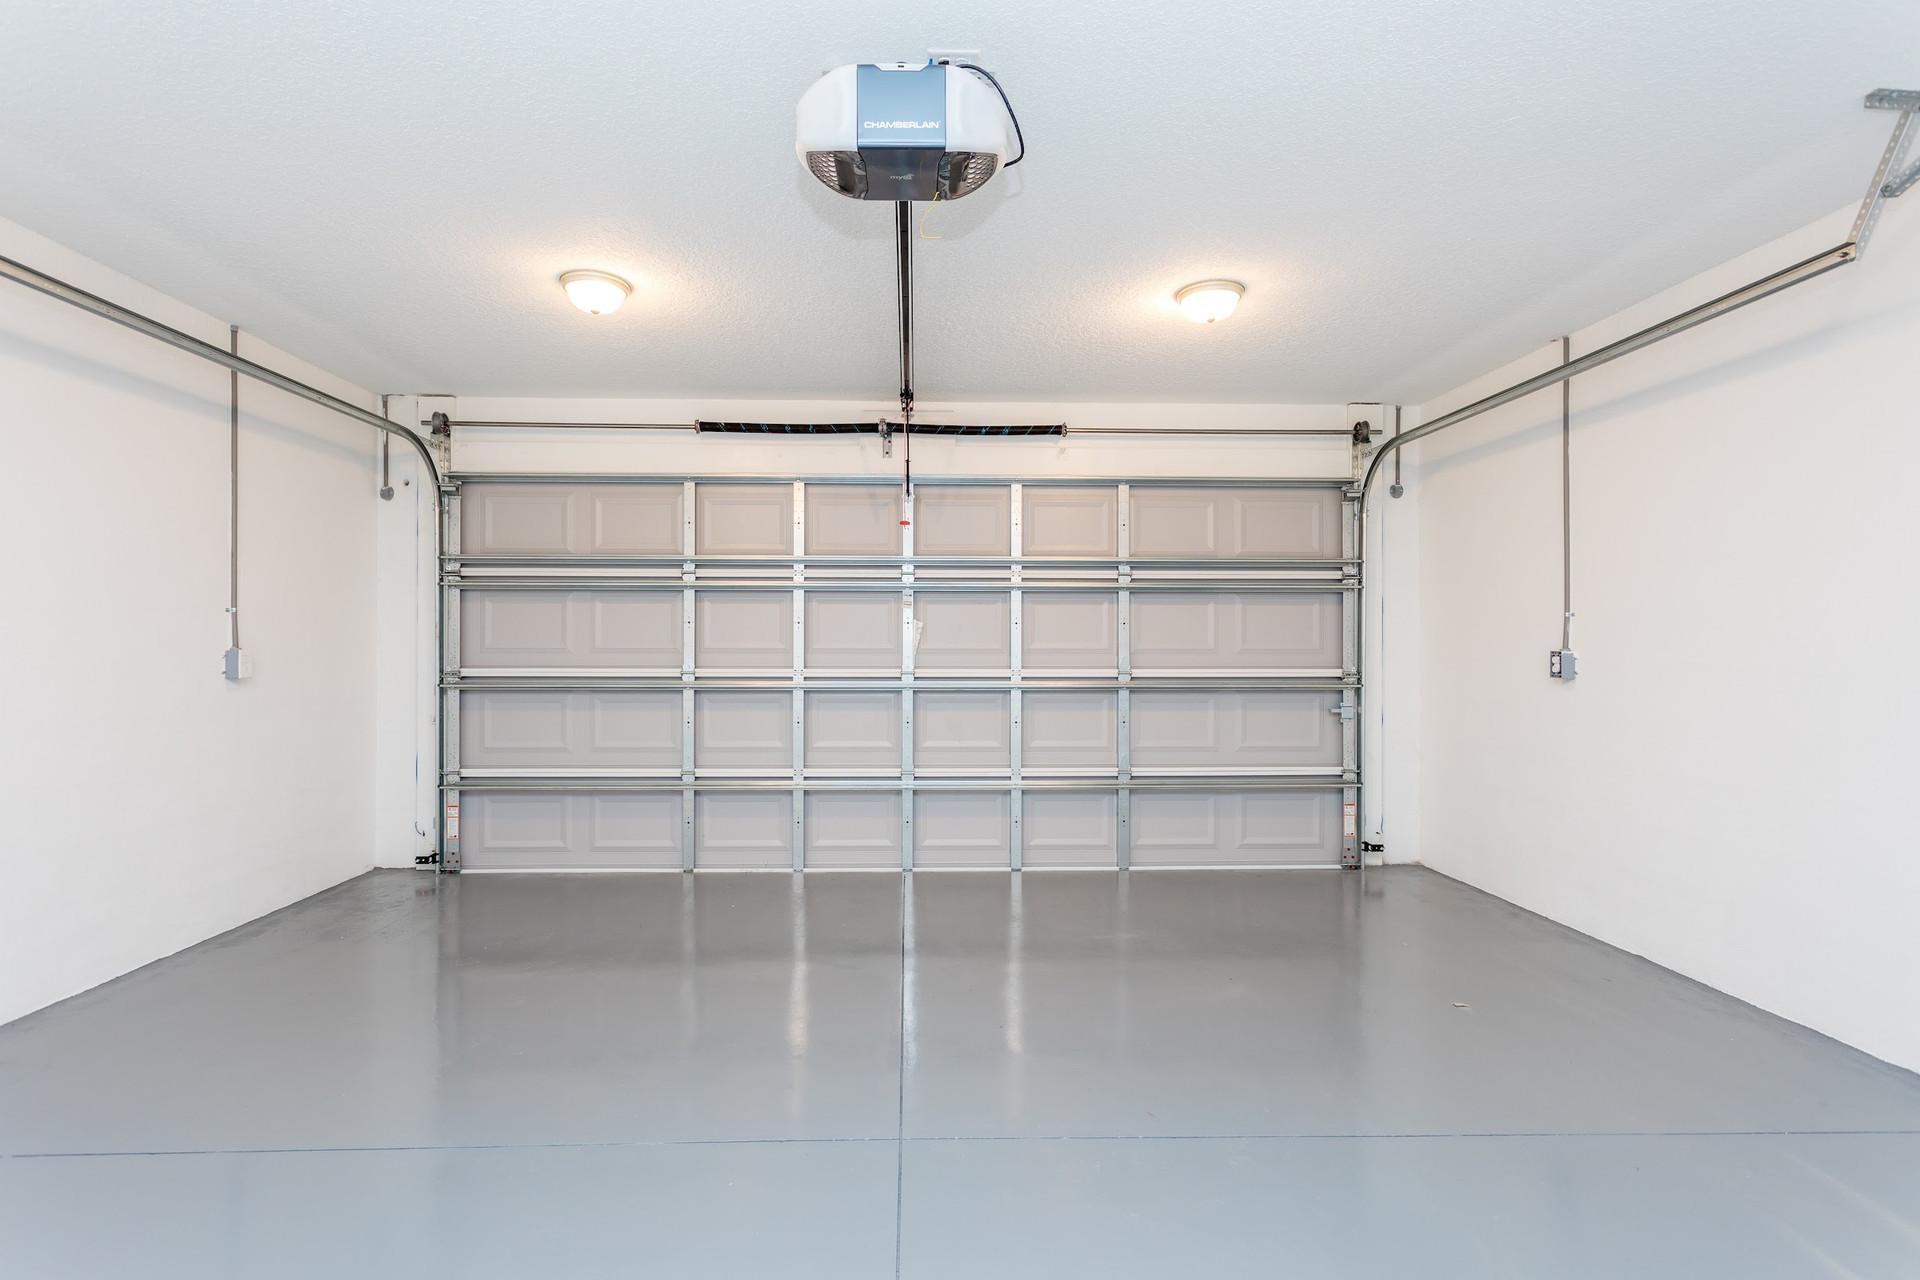 LEDGESTONE 2 car garage